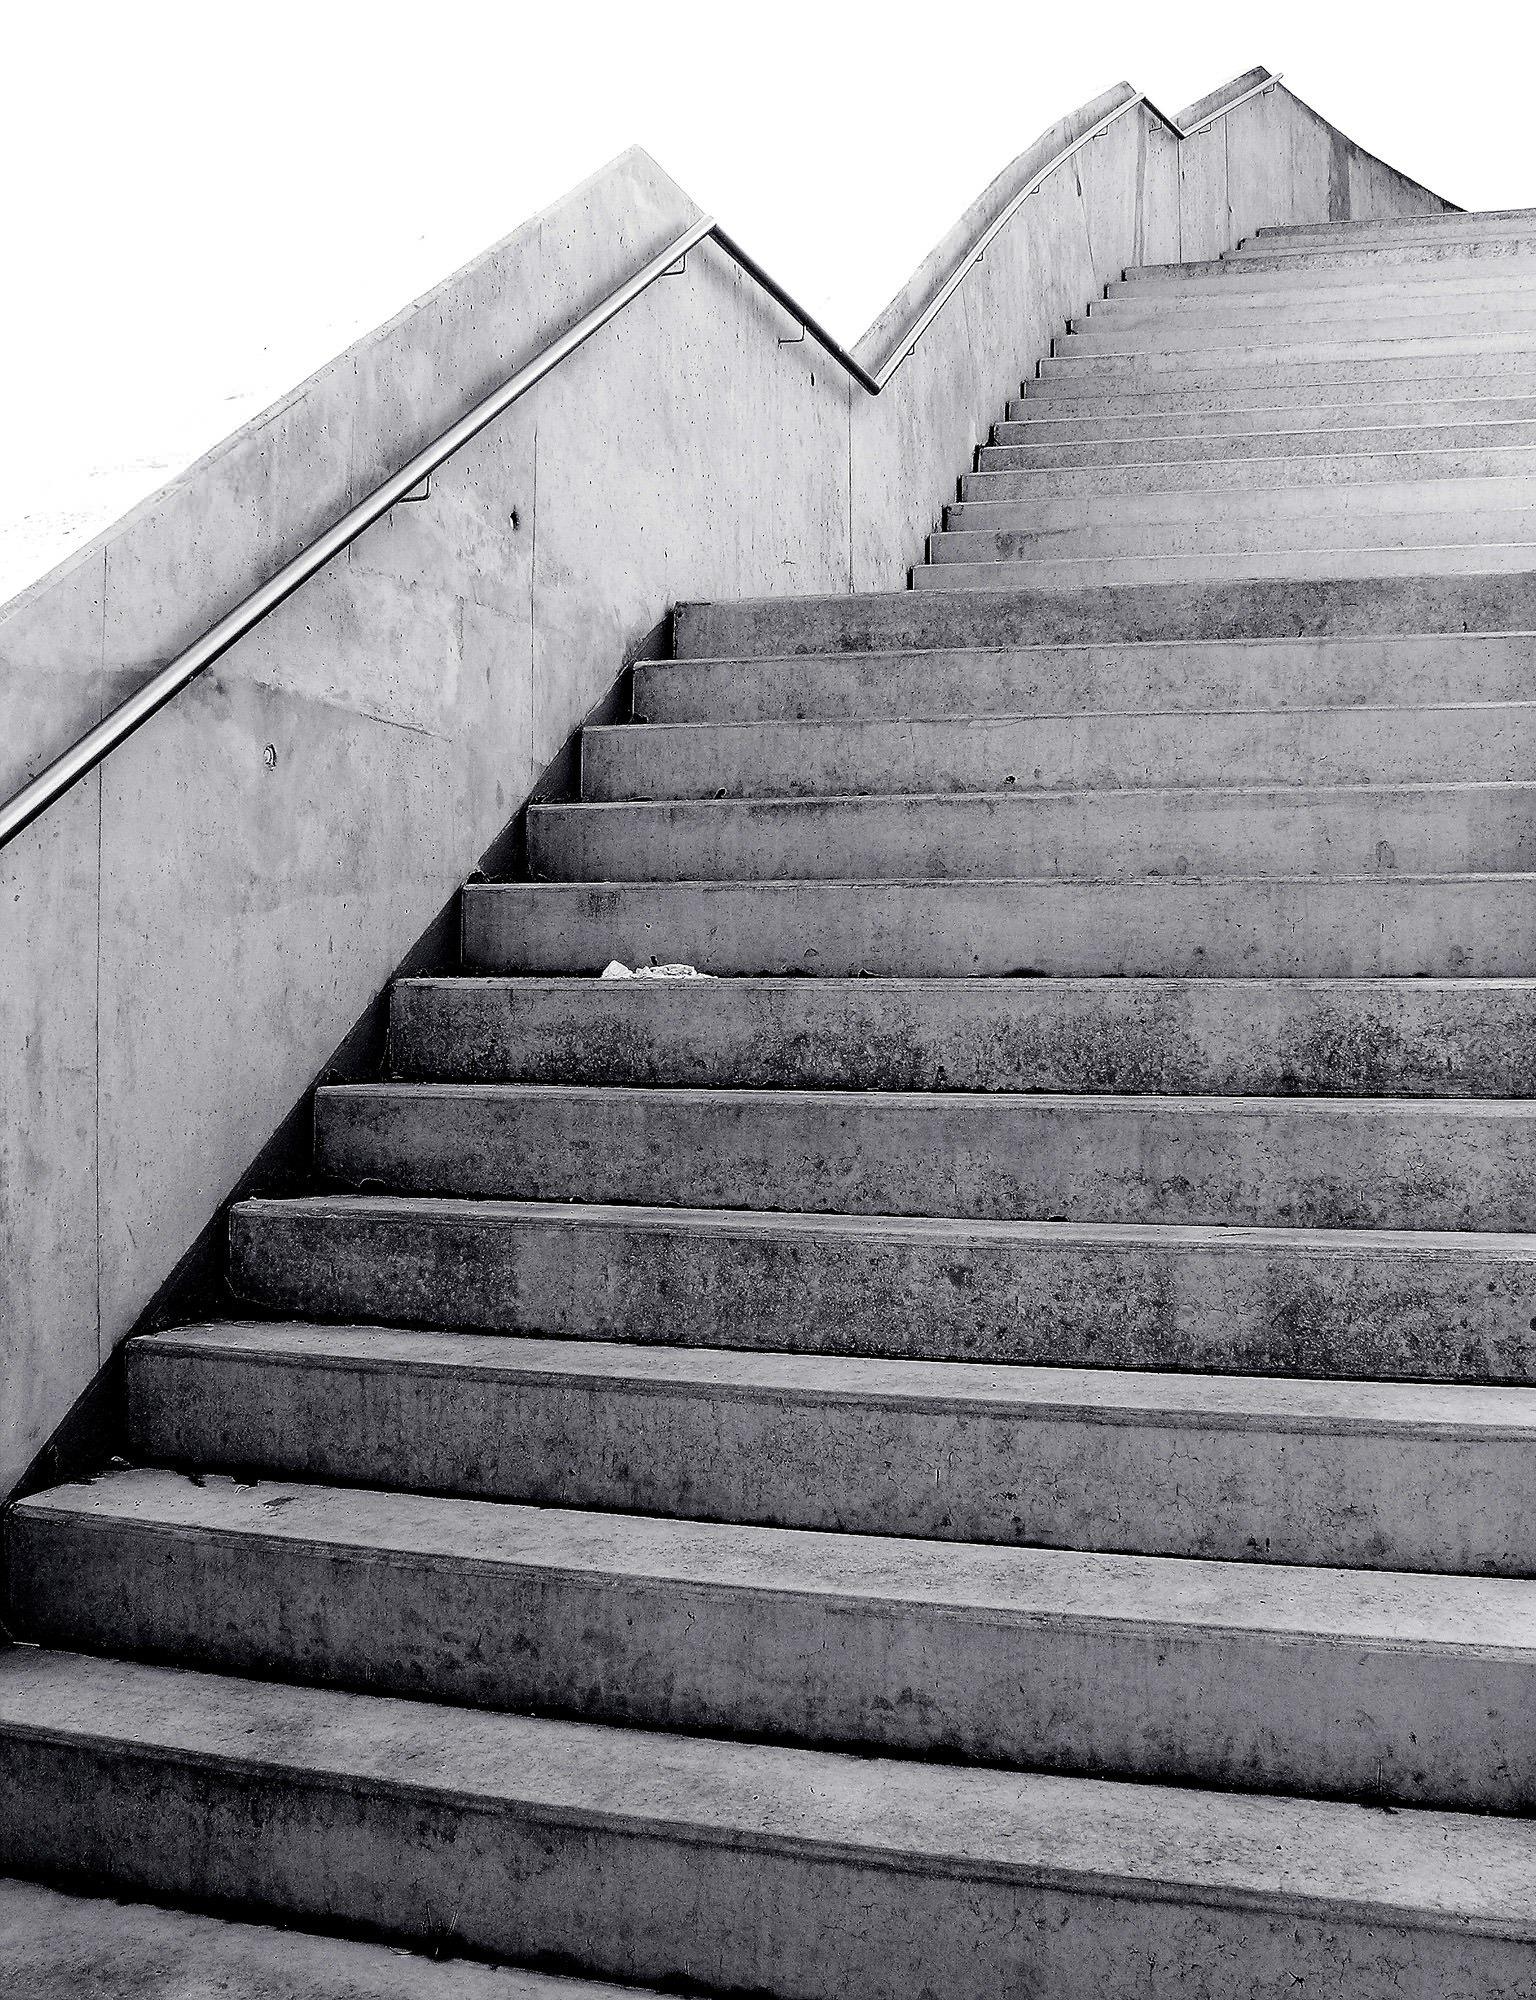 Treppe Hamburg kostenlose foto schwarz und weiß holz dach mauer treppe linie